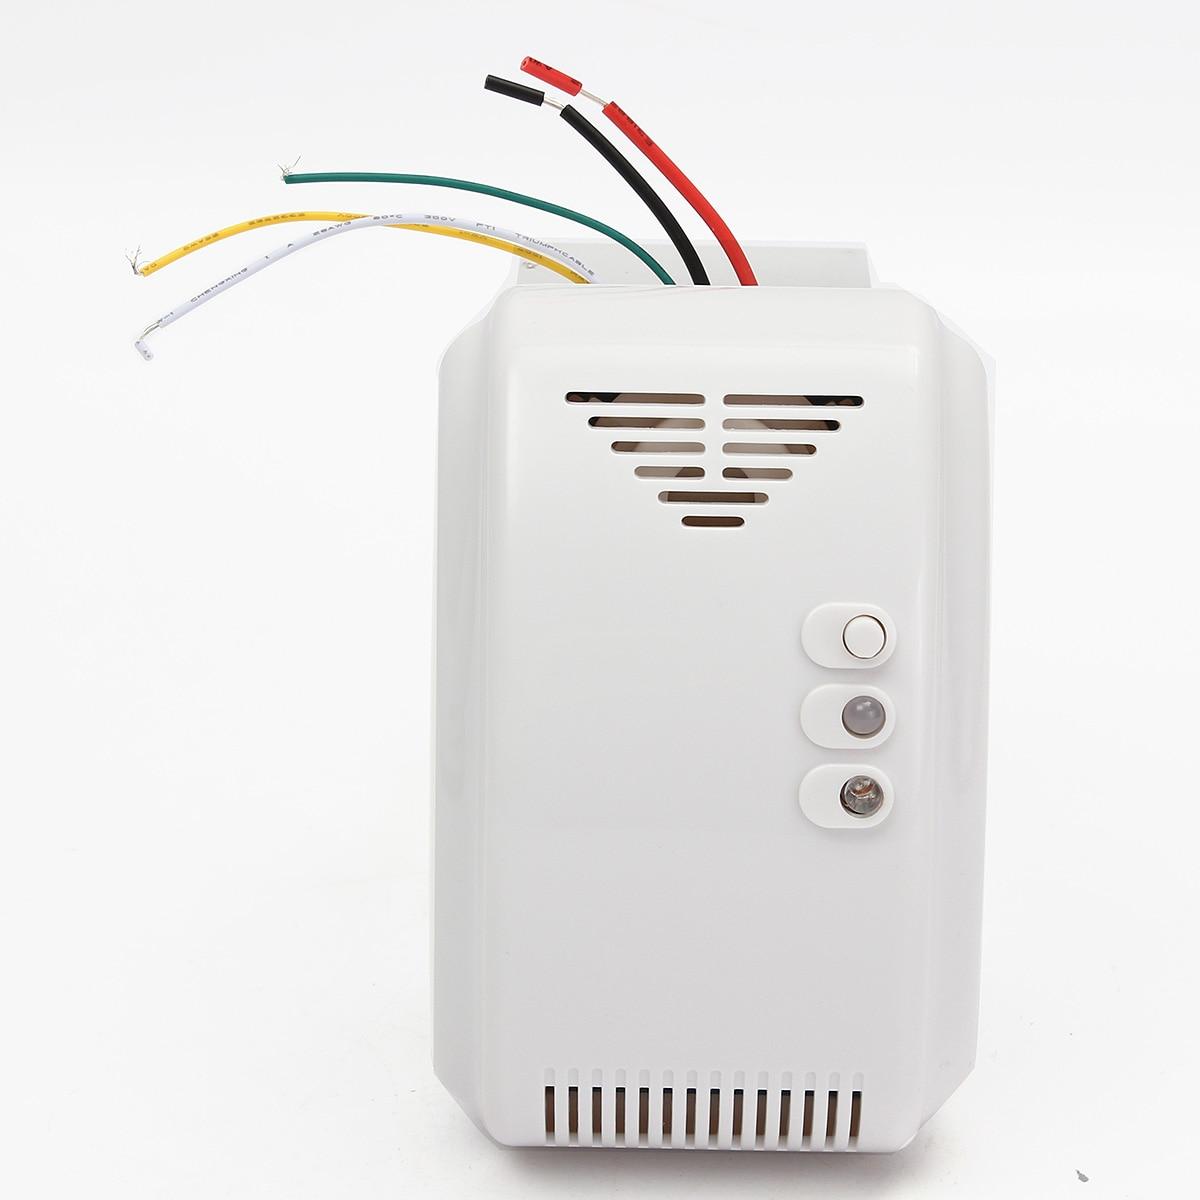 bilder für 12 V Gas Detektor Sensor Alarm Propan Butan LPG Erdgas Wohnmobil Für Zuhause Alarmanlage Sicherheit